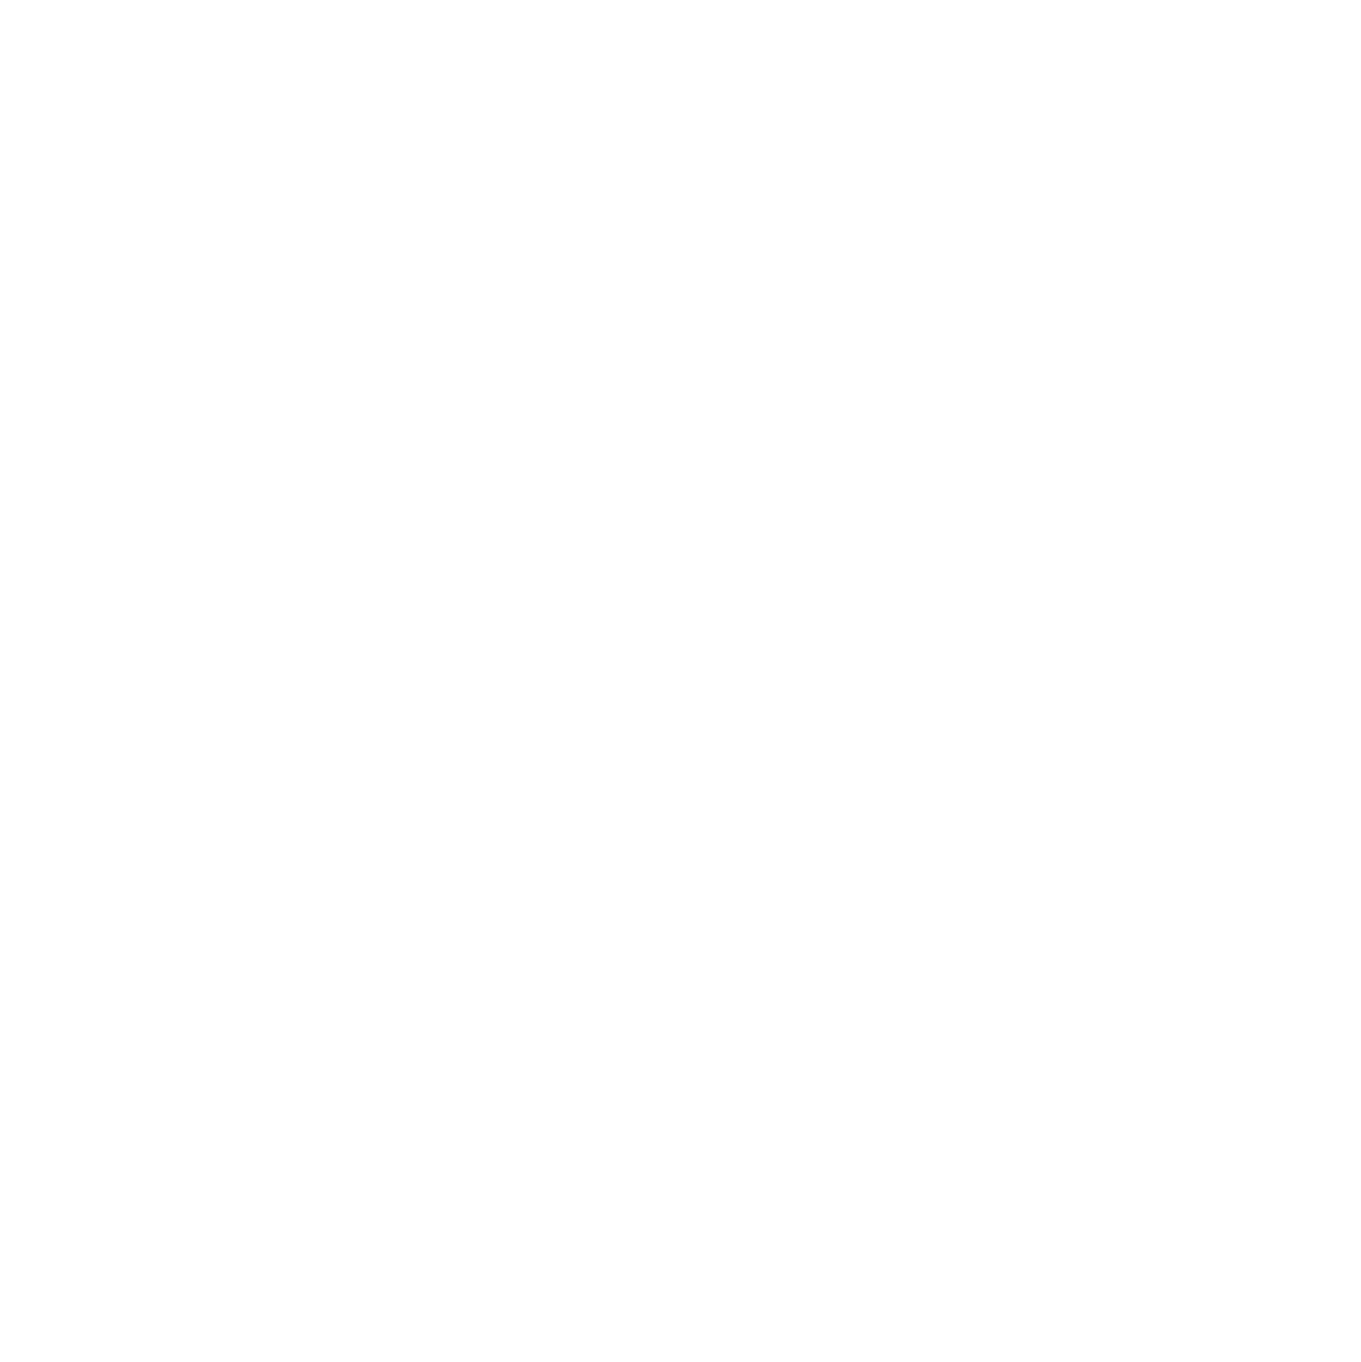 white star icon